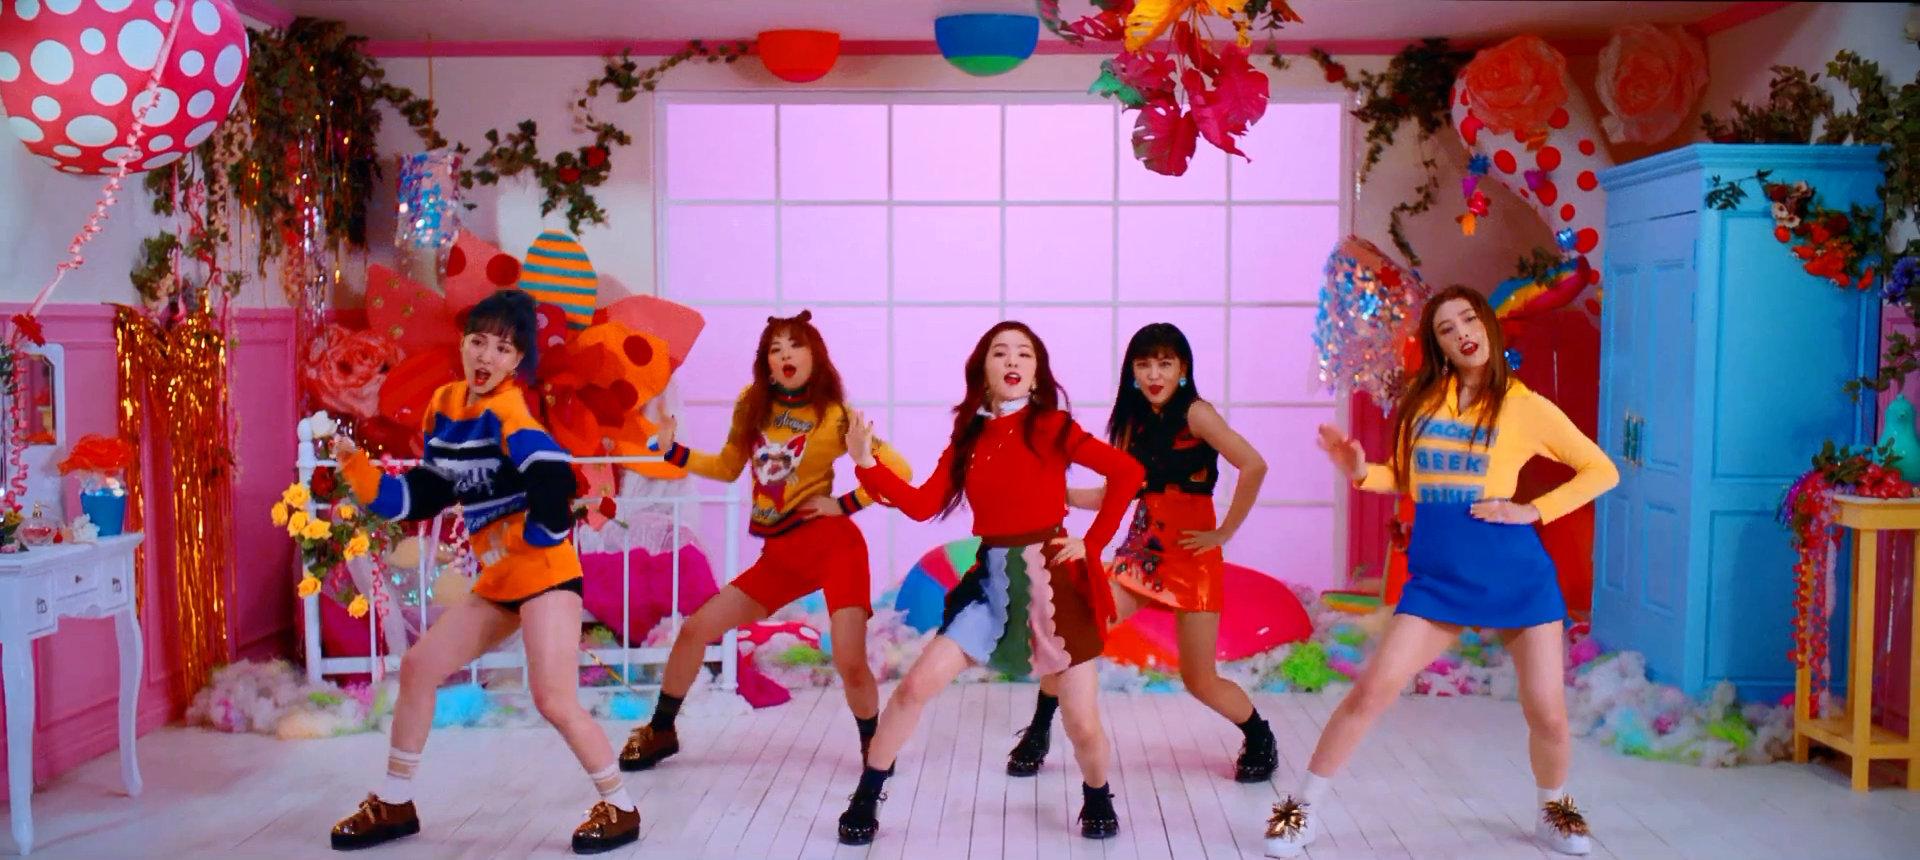 Red Velvet Rookie